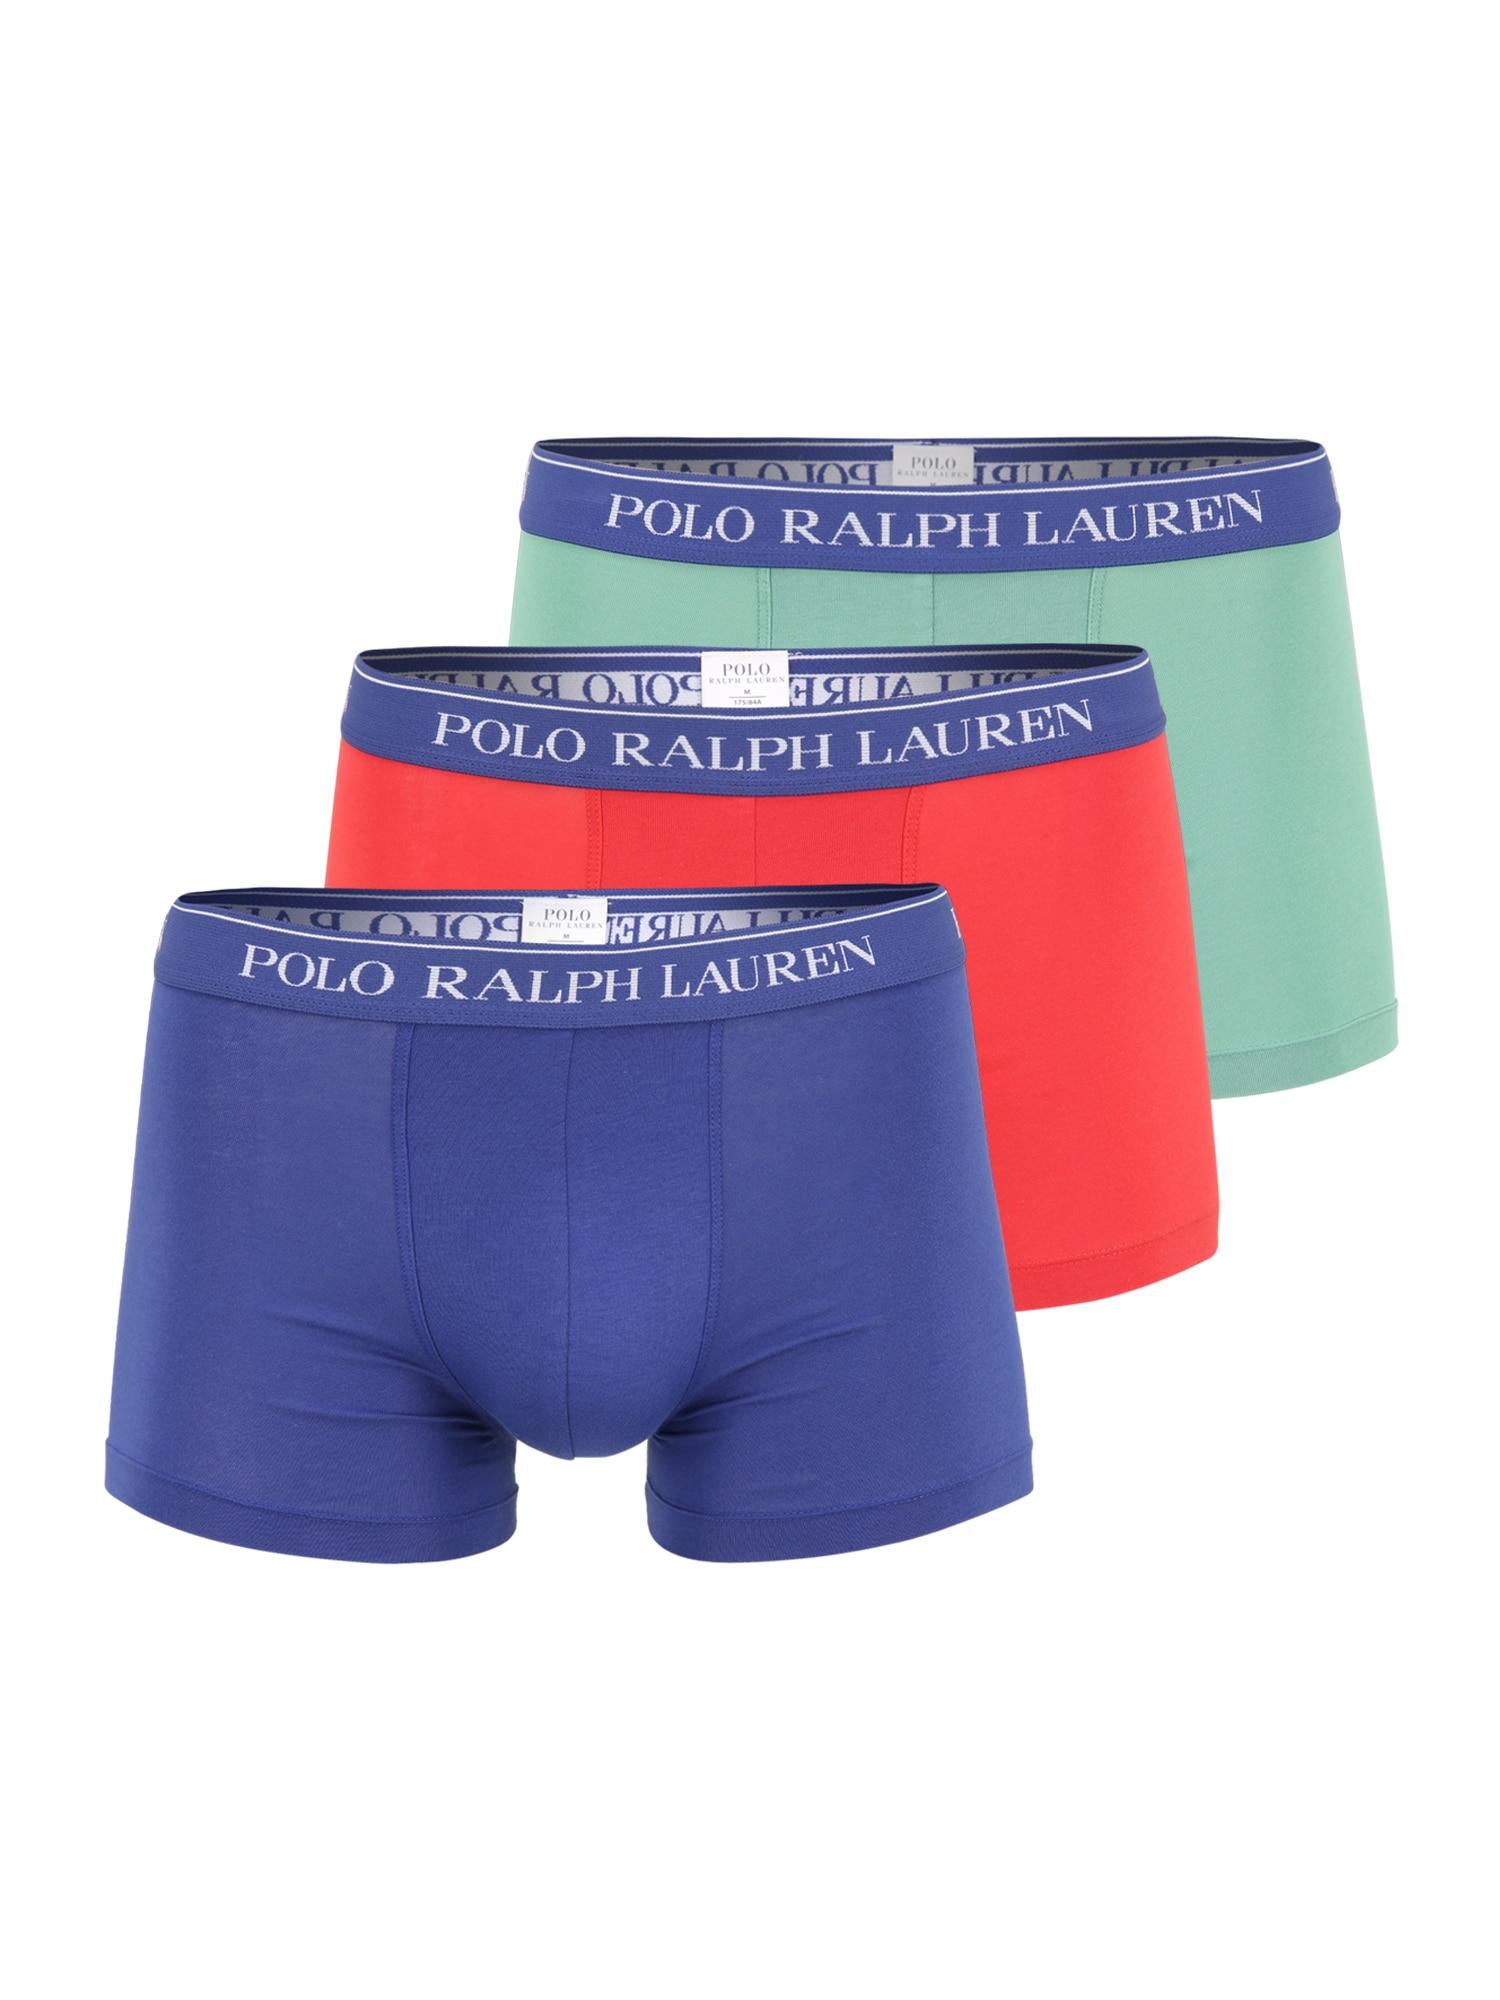 POLO RALPH LAUREN Boxer trumpikės mišrios spalvos